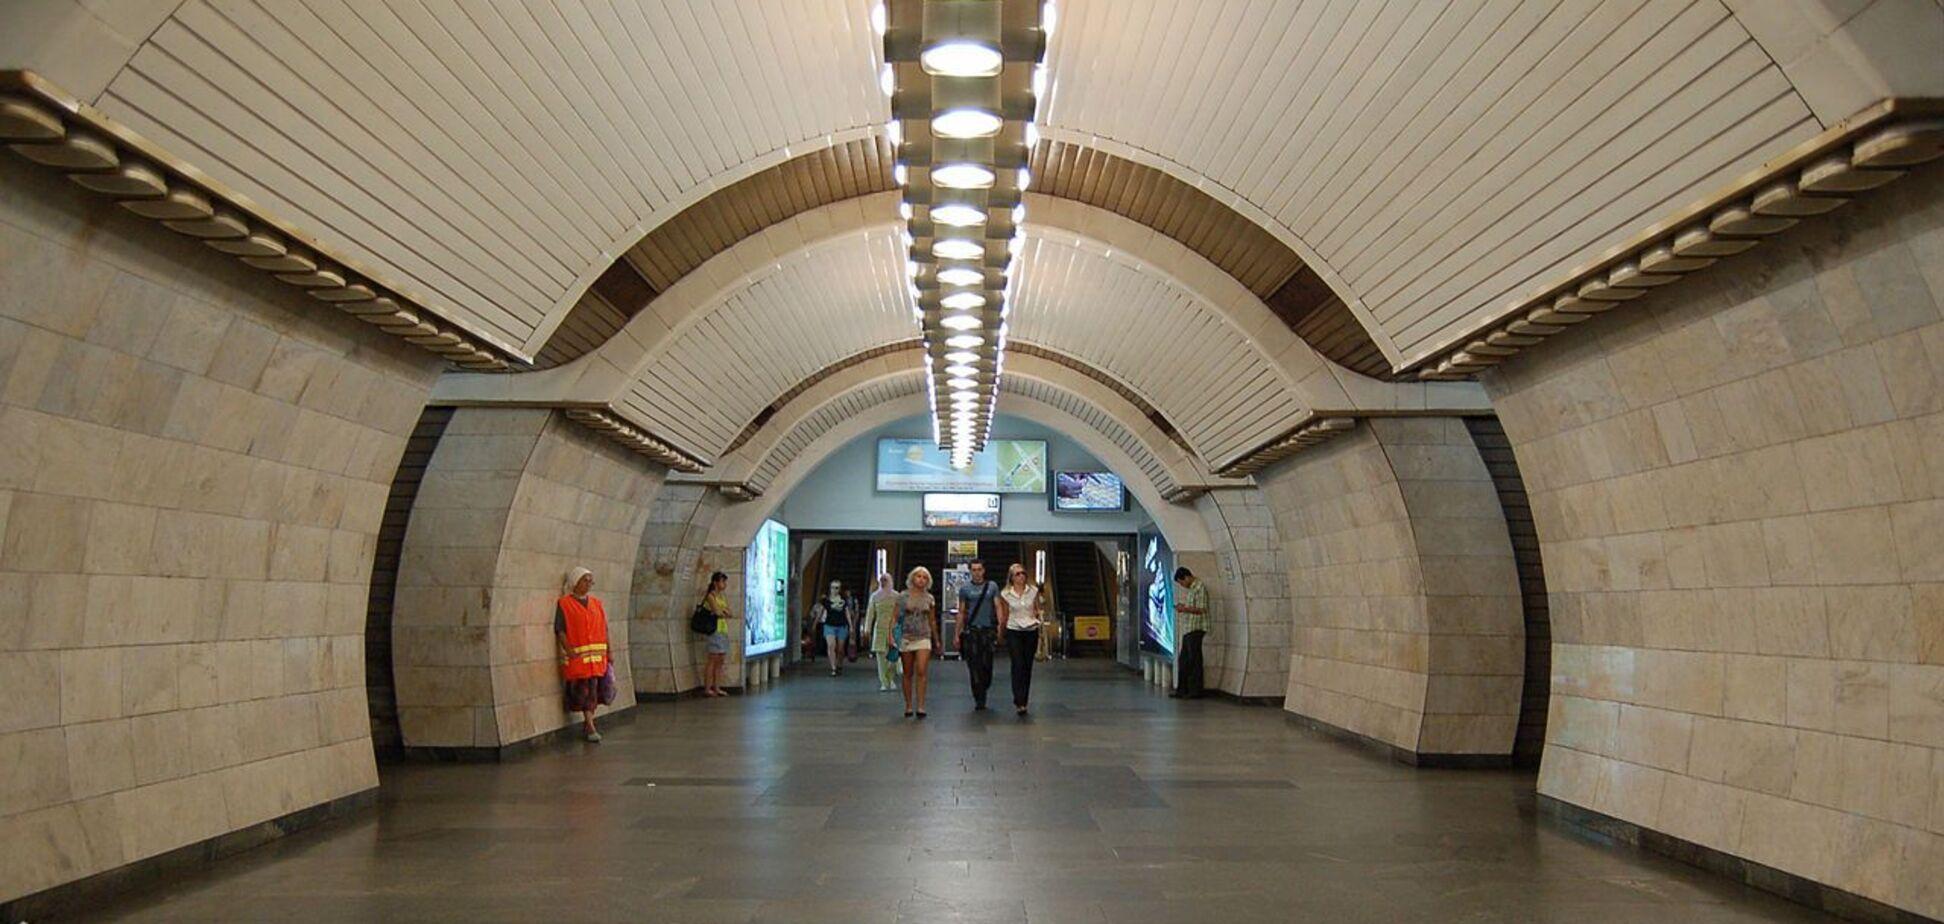 Станцію назвали на честь історичної місцевості в столиці